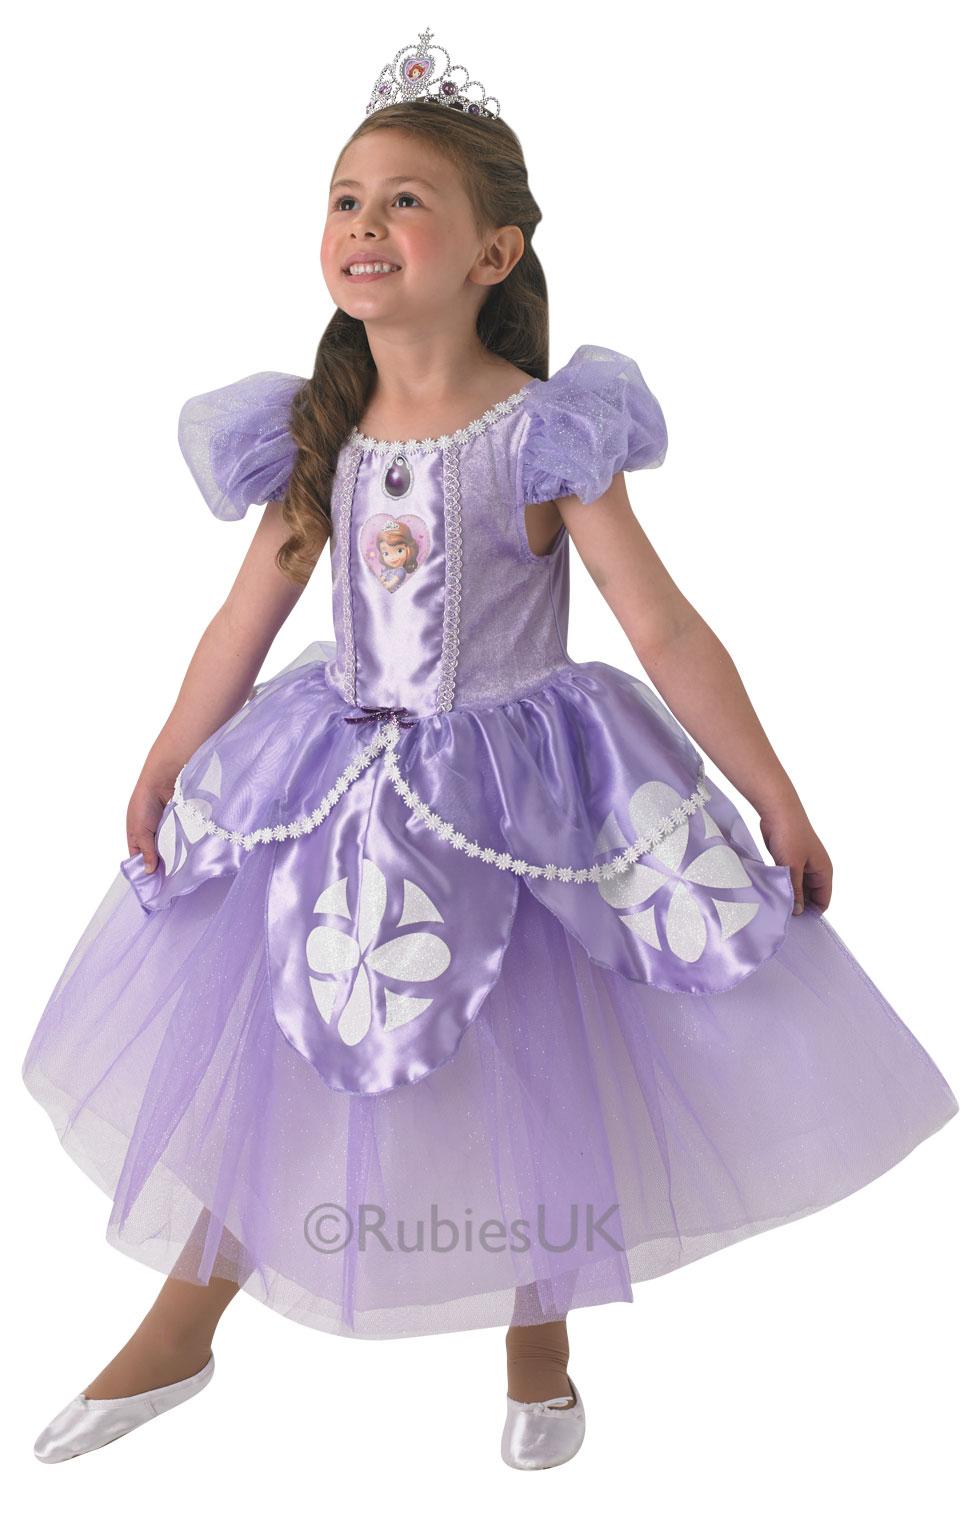 Princess Sofia Shoes Uk